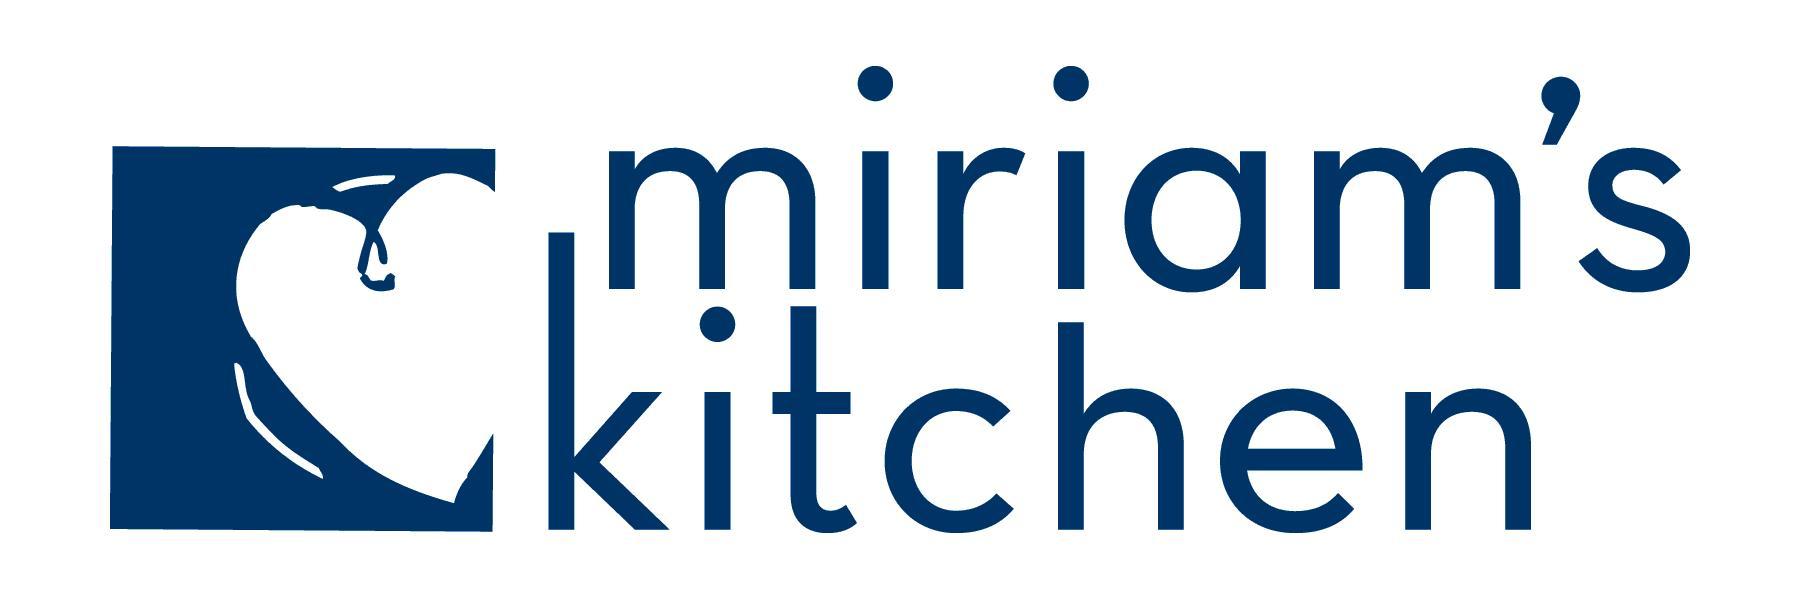 DC-washington-miriams-kitchen-lg-logo_1